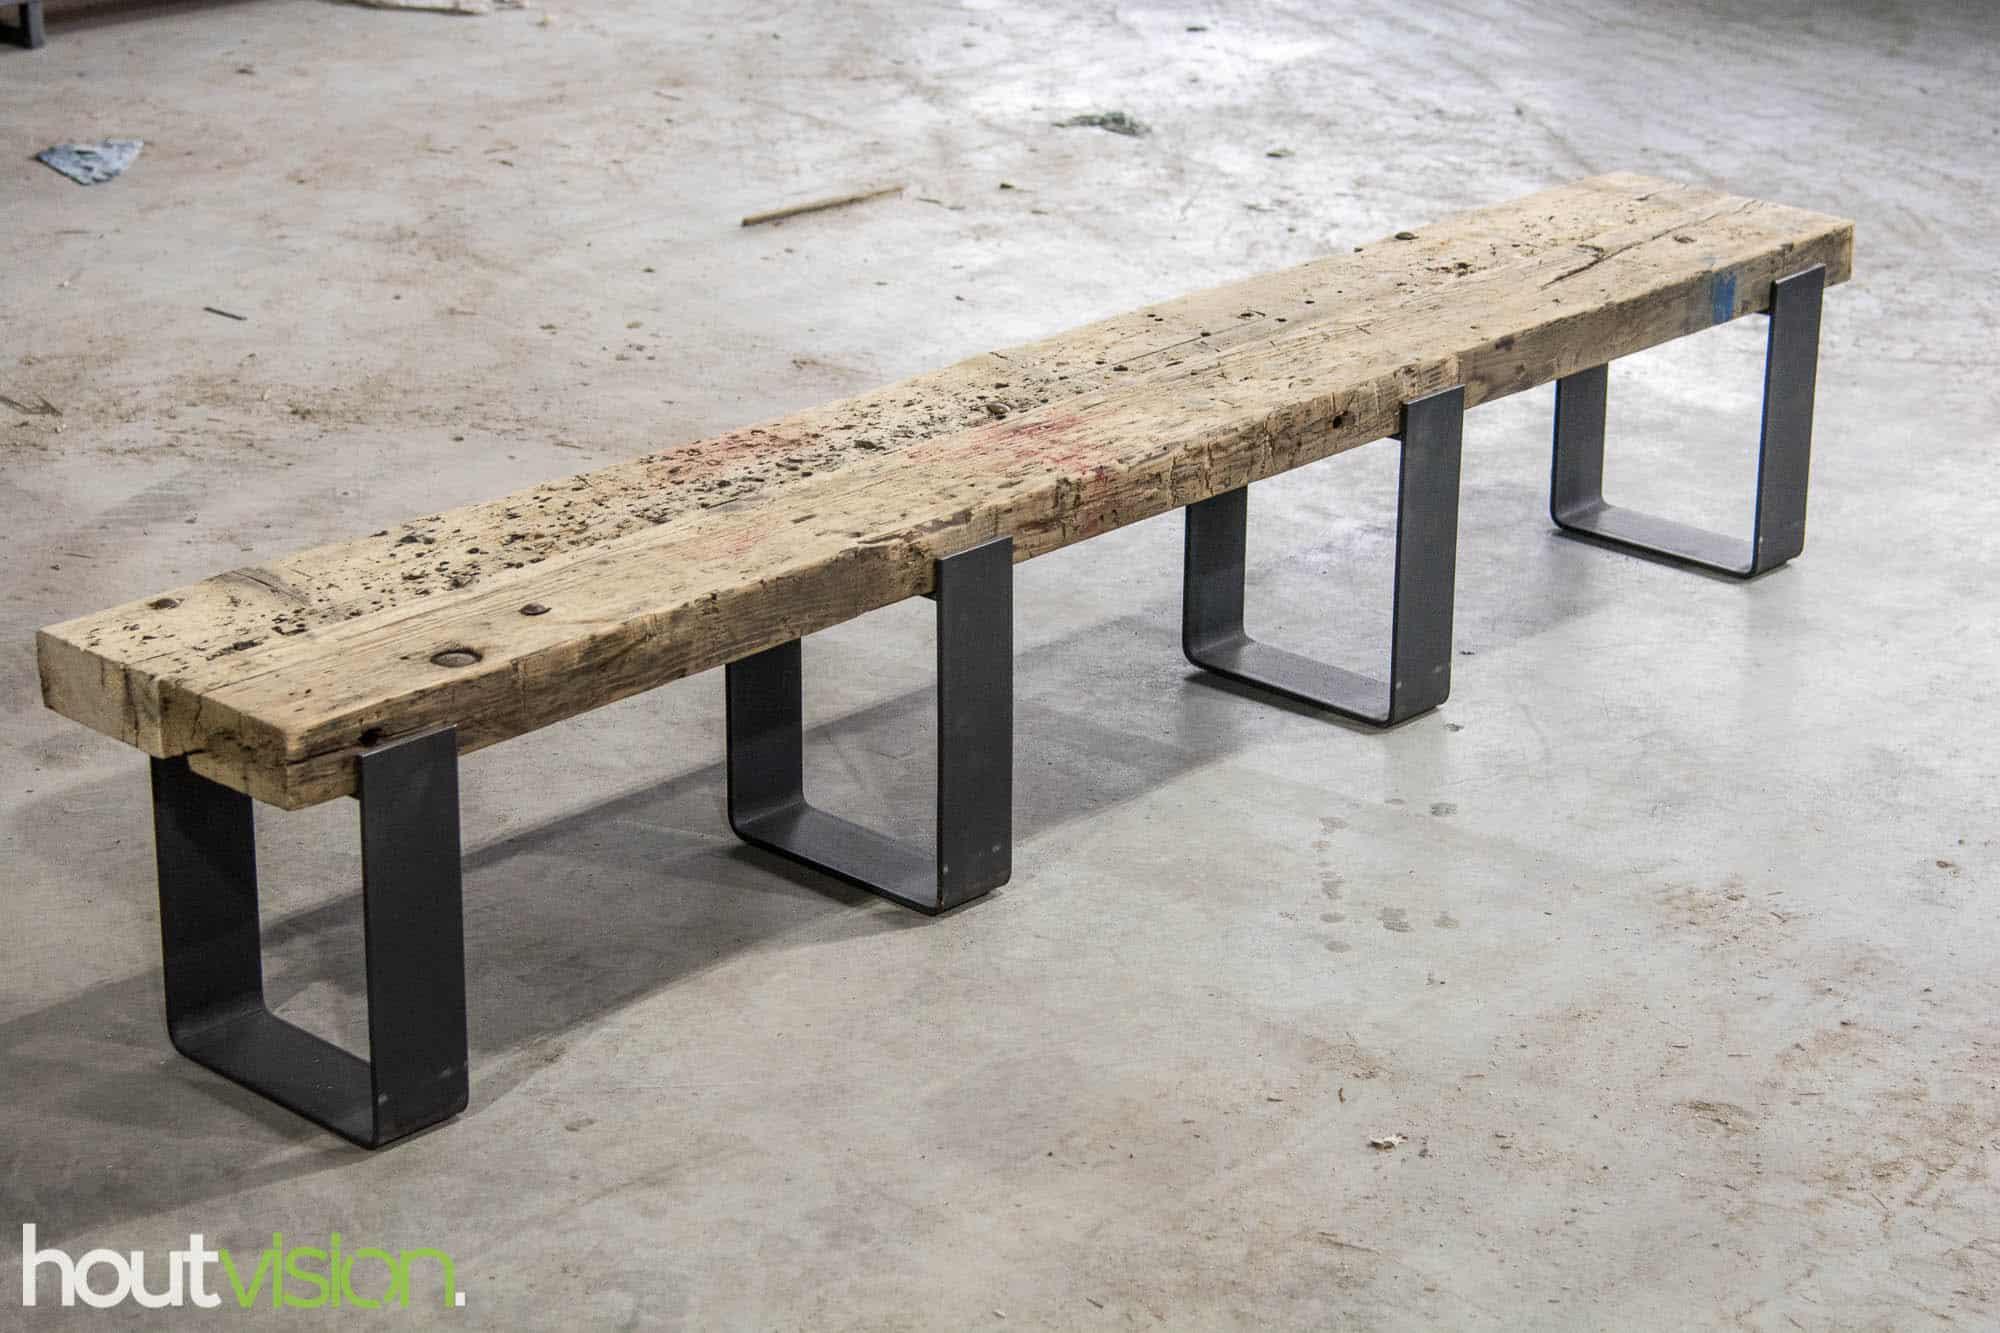 tv-meubel oude spoorbiels zware balk boomstam draglineschot gekke stukken hout slanke stalen strips onderstel